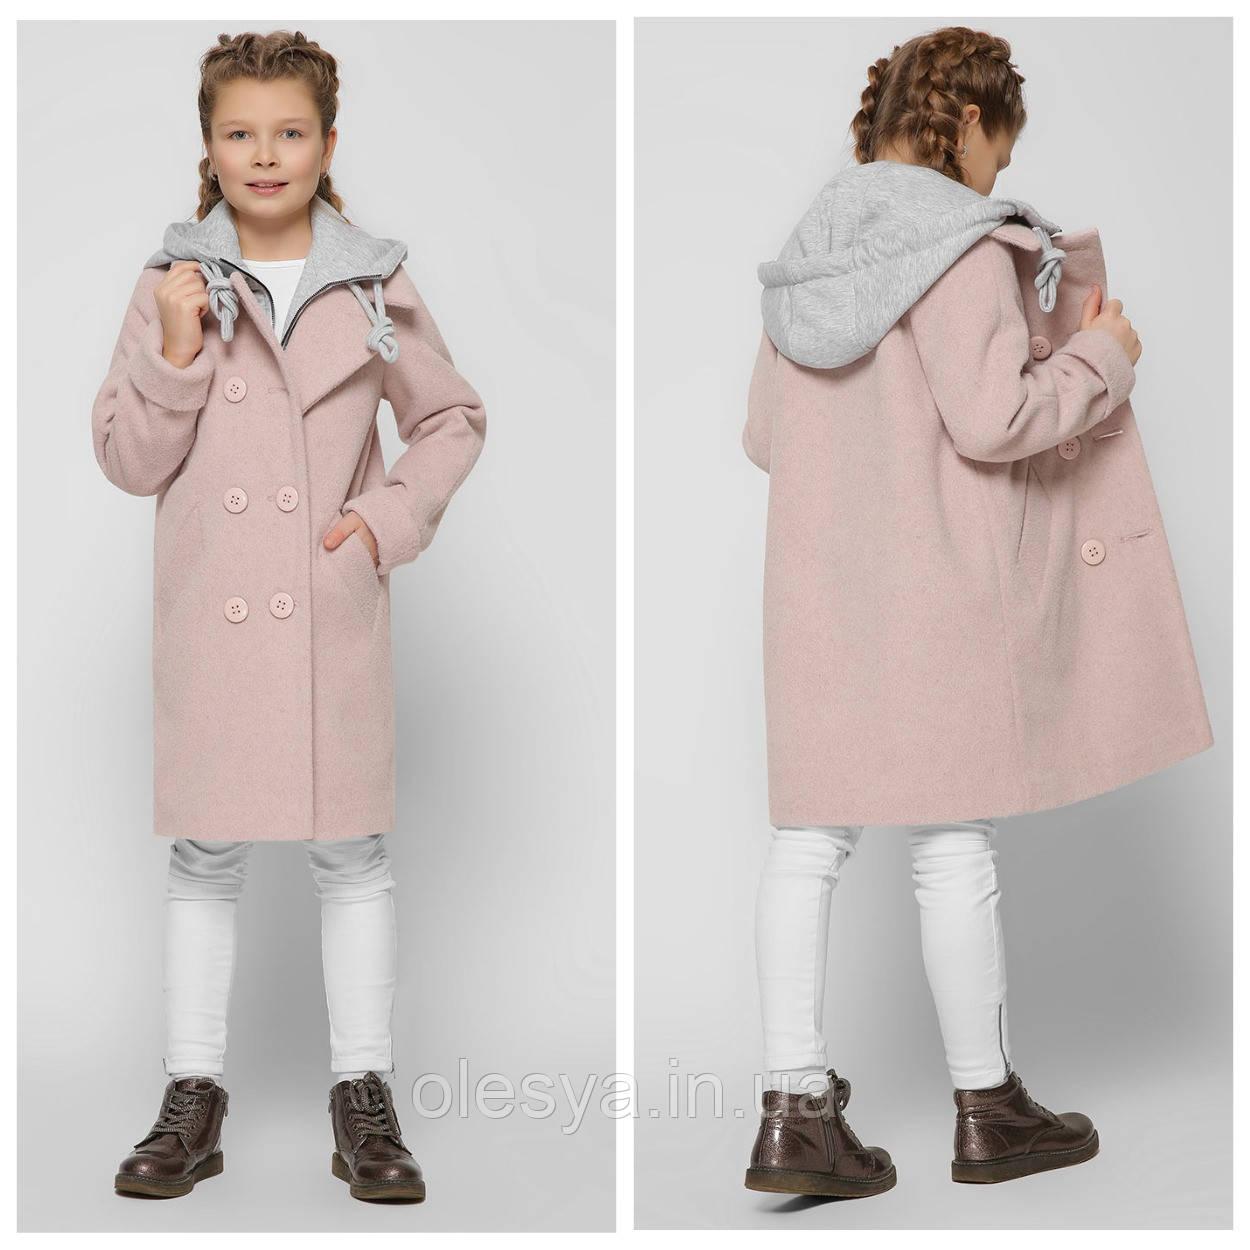 Модное Демисезонное пальто для девочки ТМ X-Woyz 8311 Размеры 122- 164